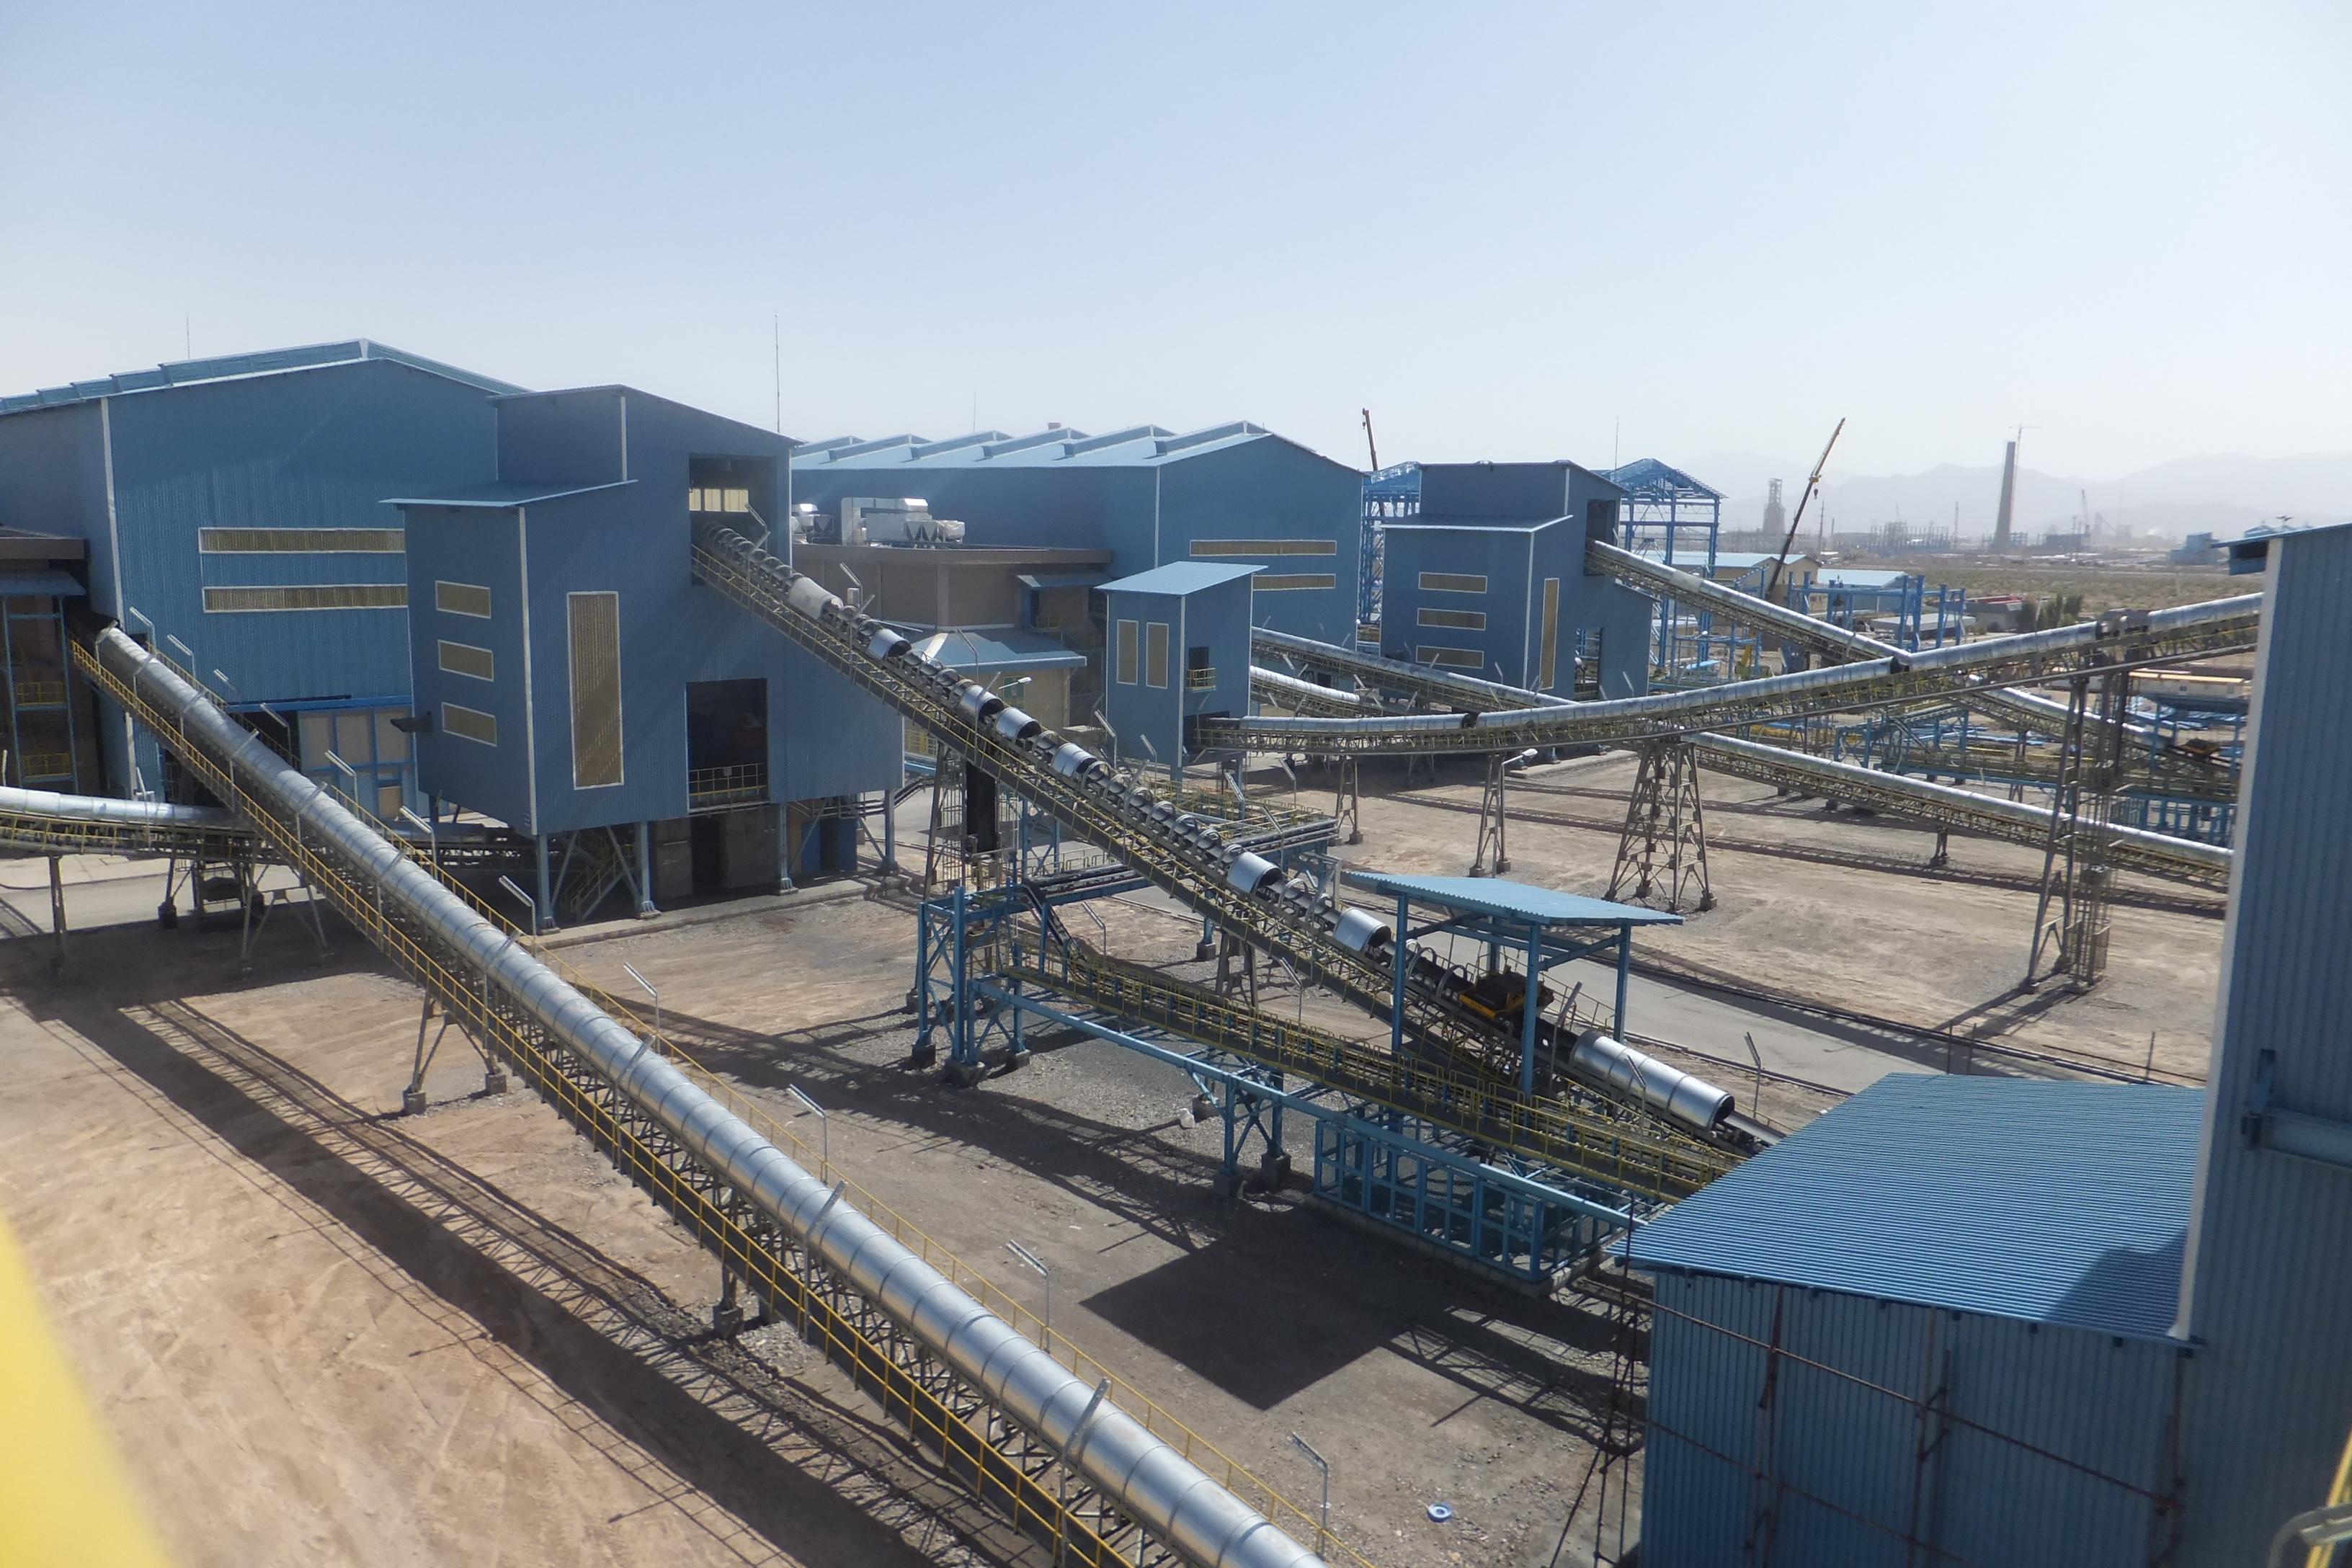 احداث کارخانه کنسانتره سنگ آهن سیرجان